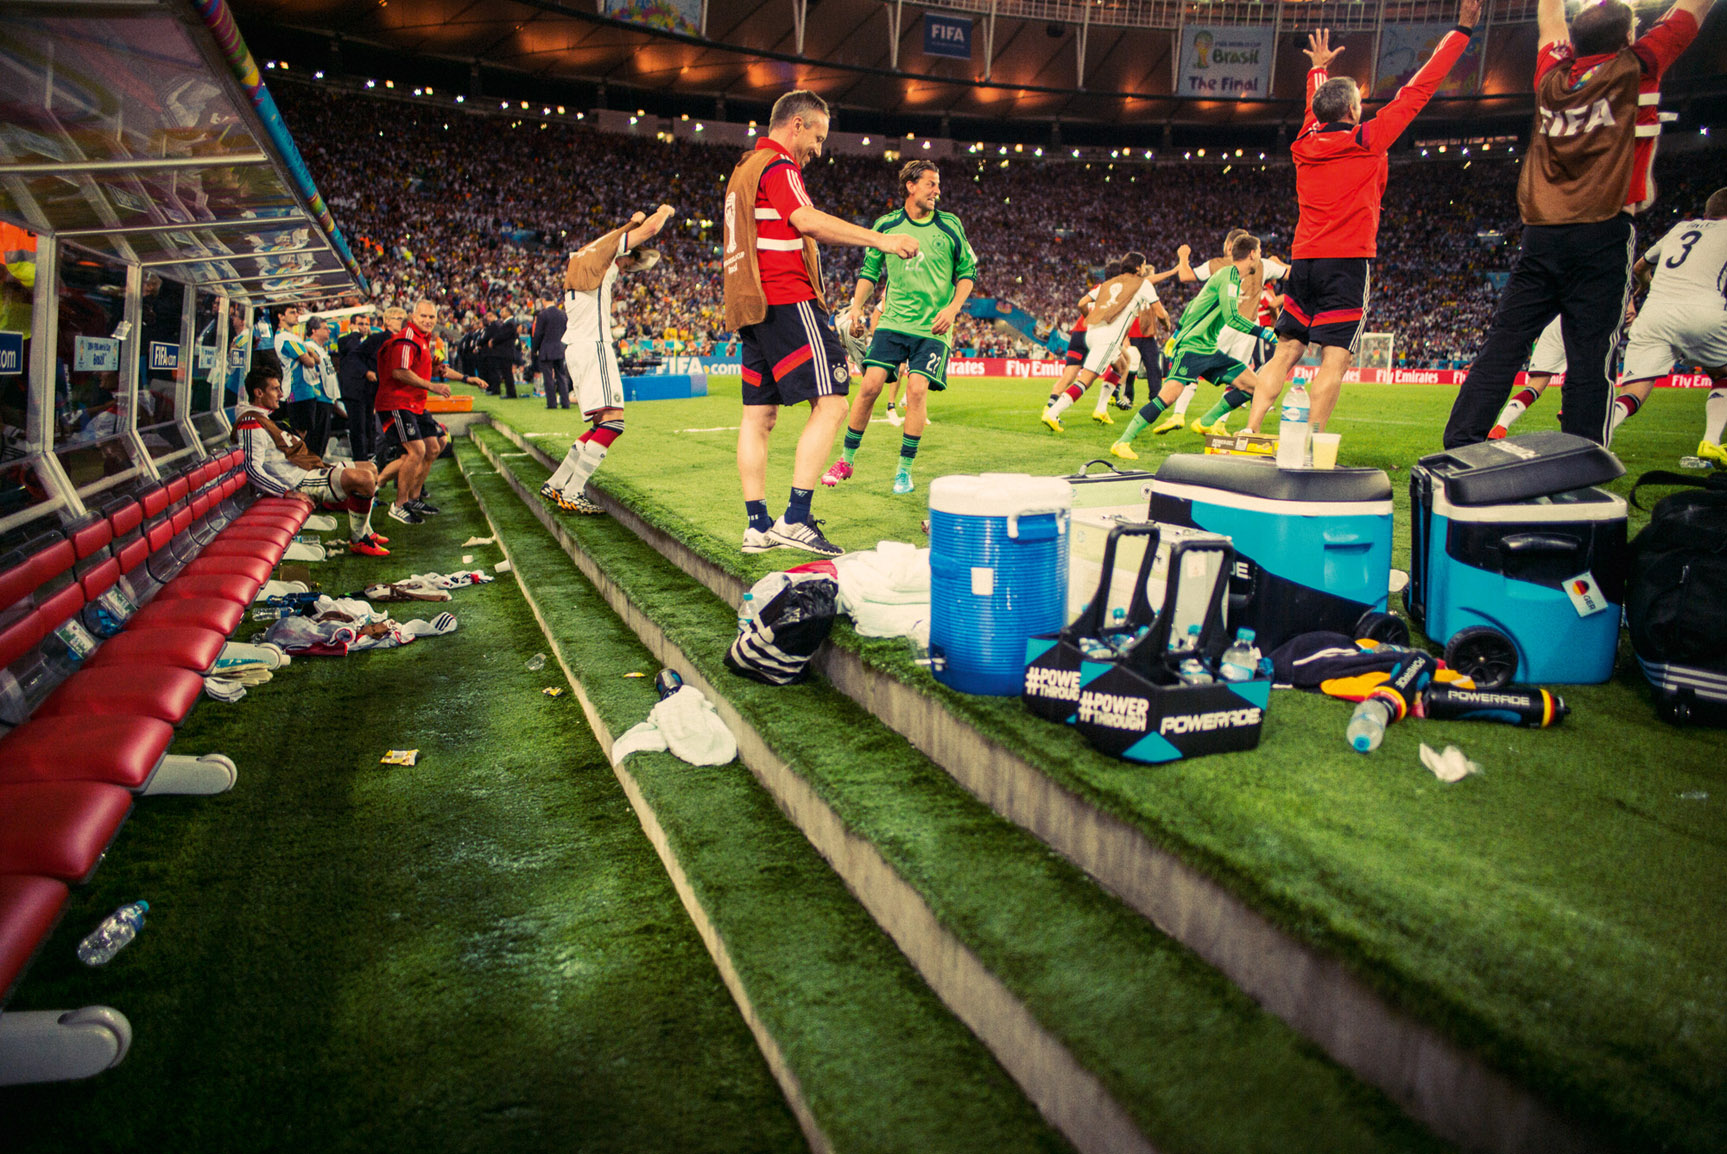 Сборная Германии - победитель Чемпионата Мира 2014 года в Бразилии